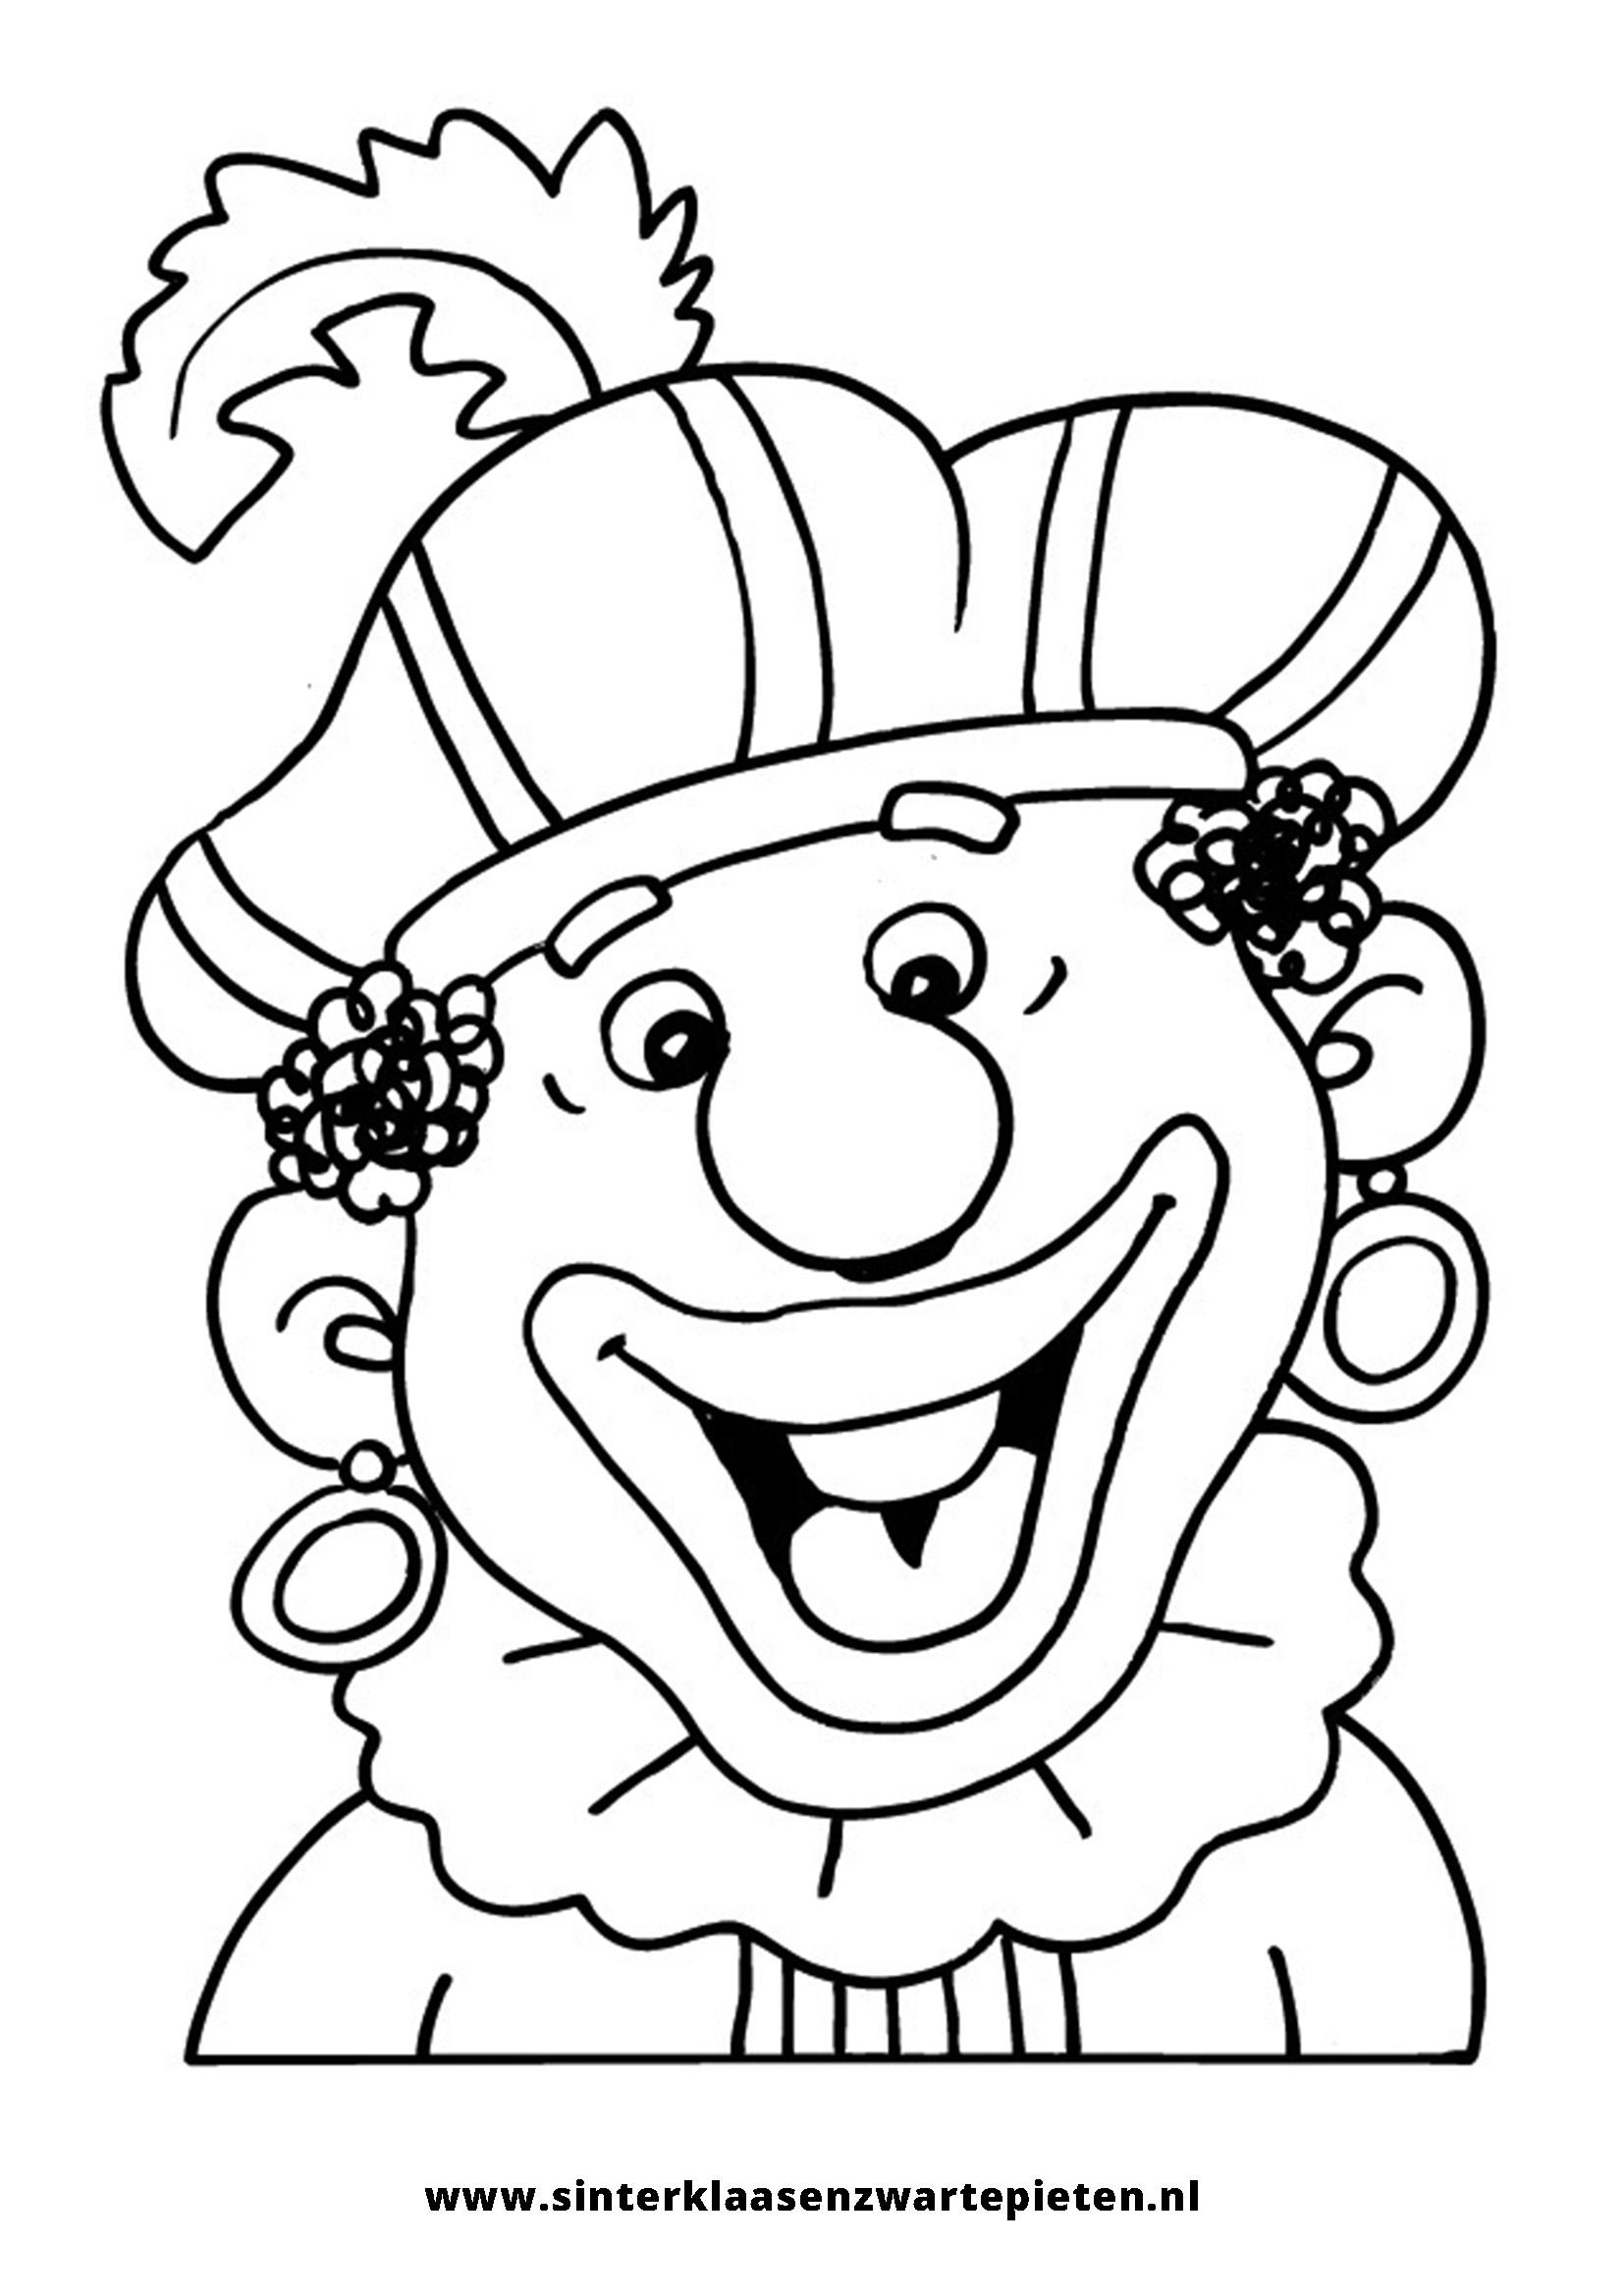 Nieuw Kleurplaat Sinterklaas Zwarte Piet Peuters